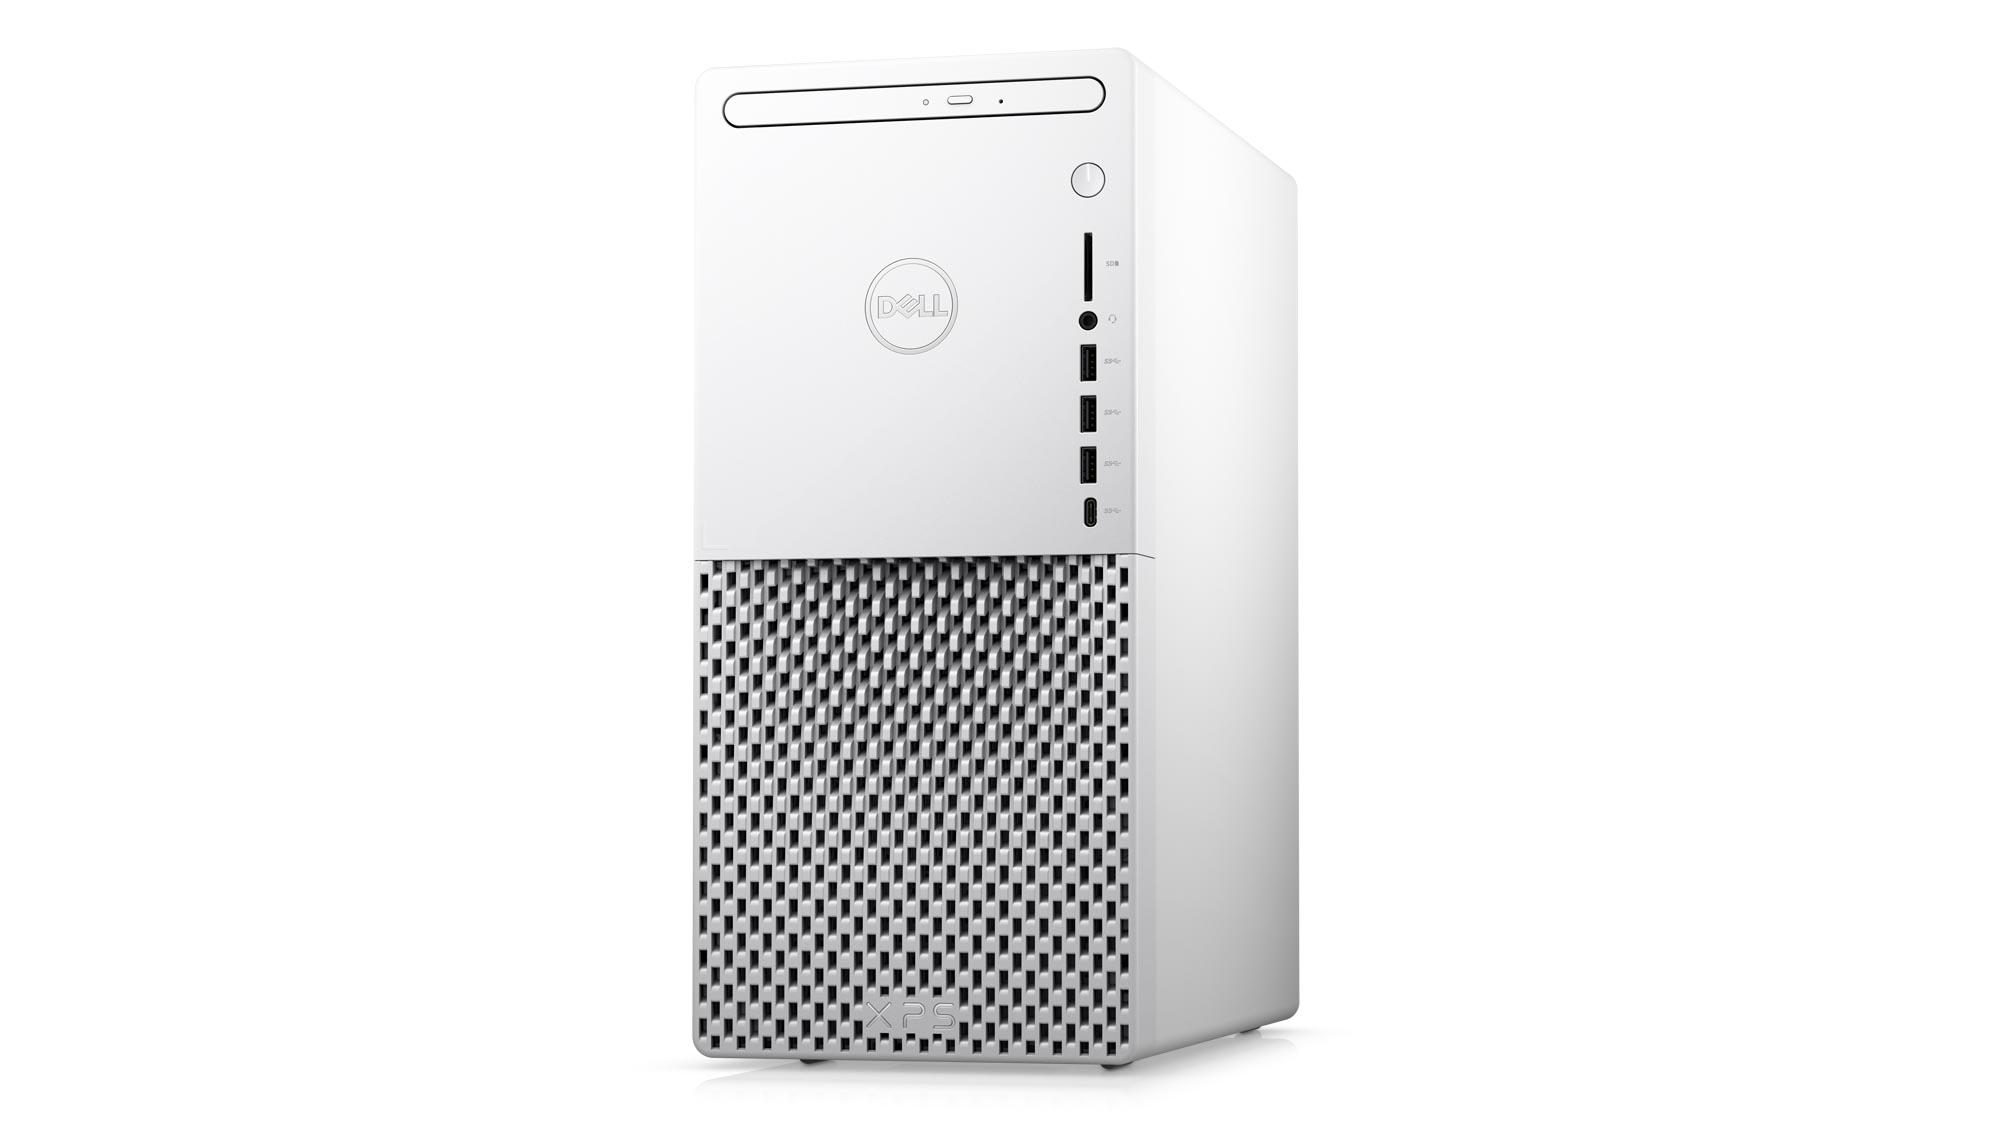 Dell XPS Desktop Special Edition